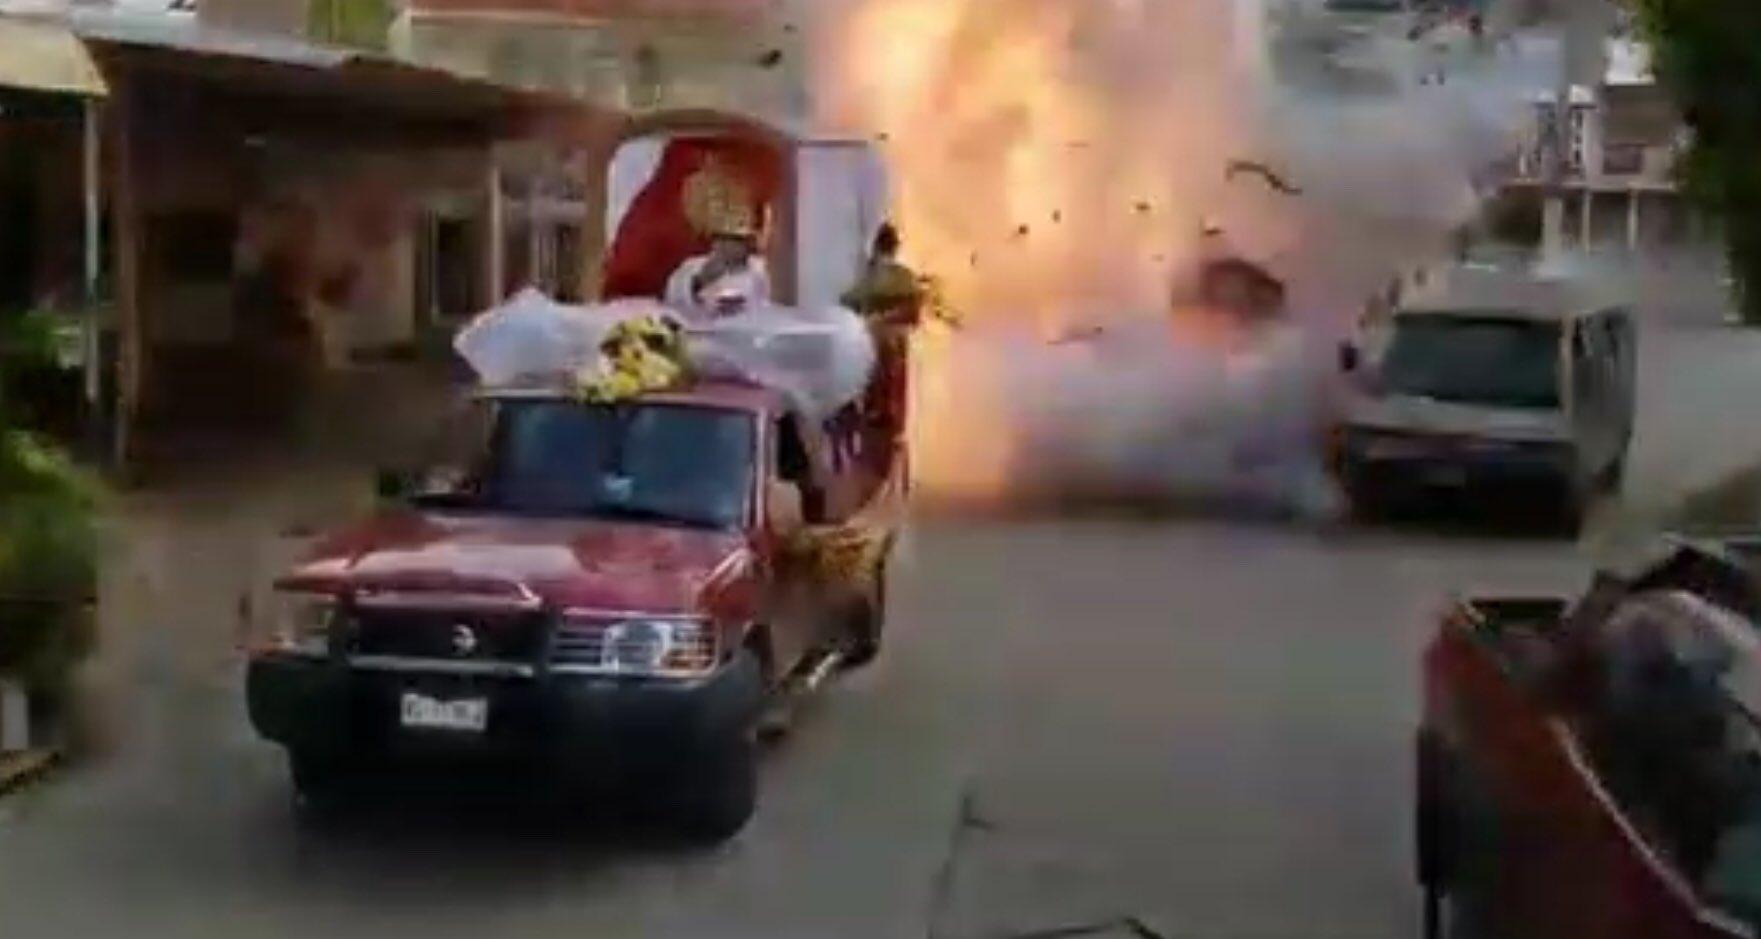 Video en Macuspana;Tabasco, por ir tronando cohetes en una procesión les estalló todo el cargamento, hay un muerto y 1 niño herido